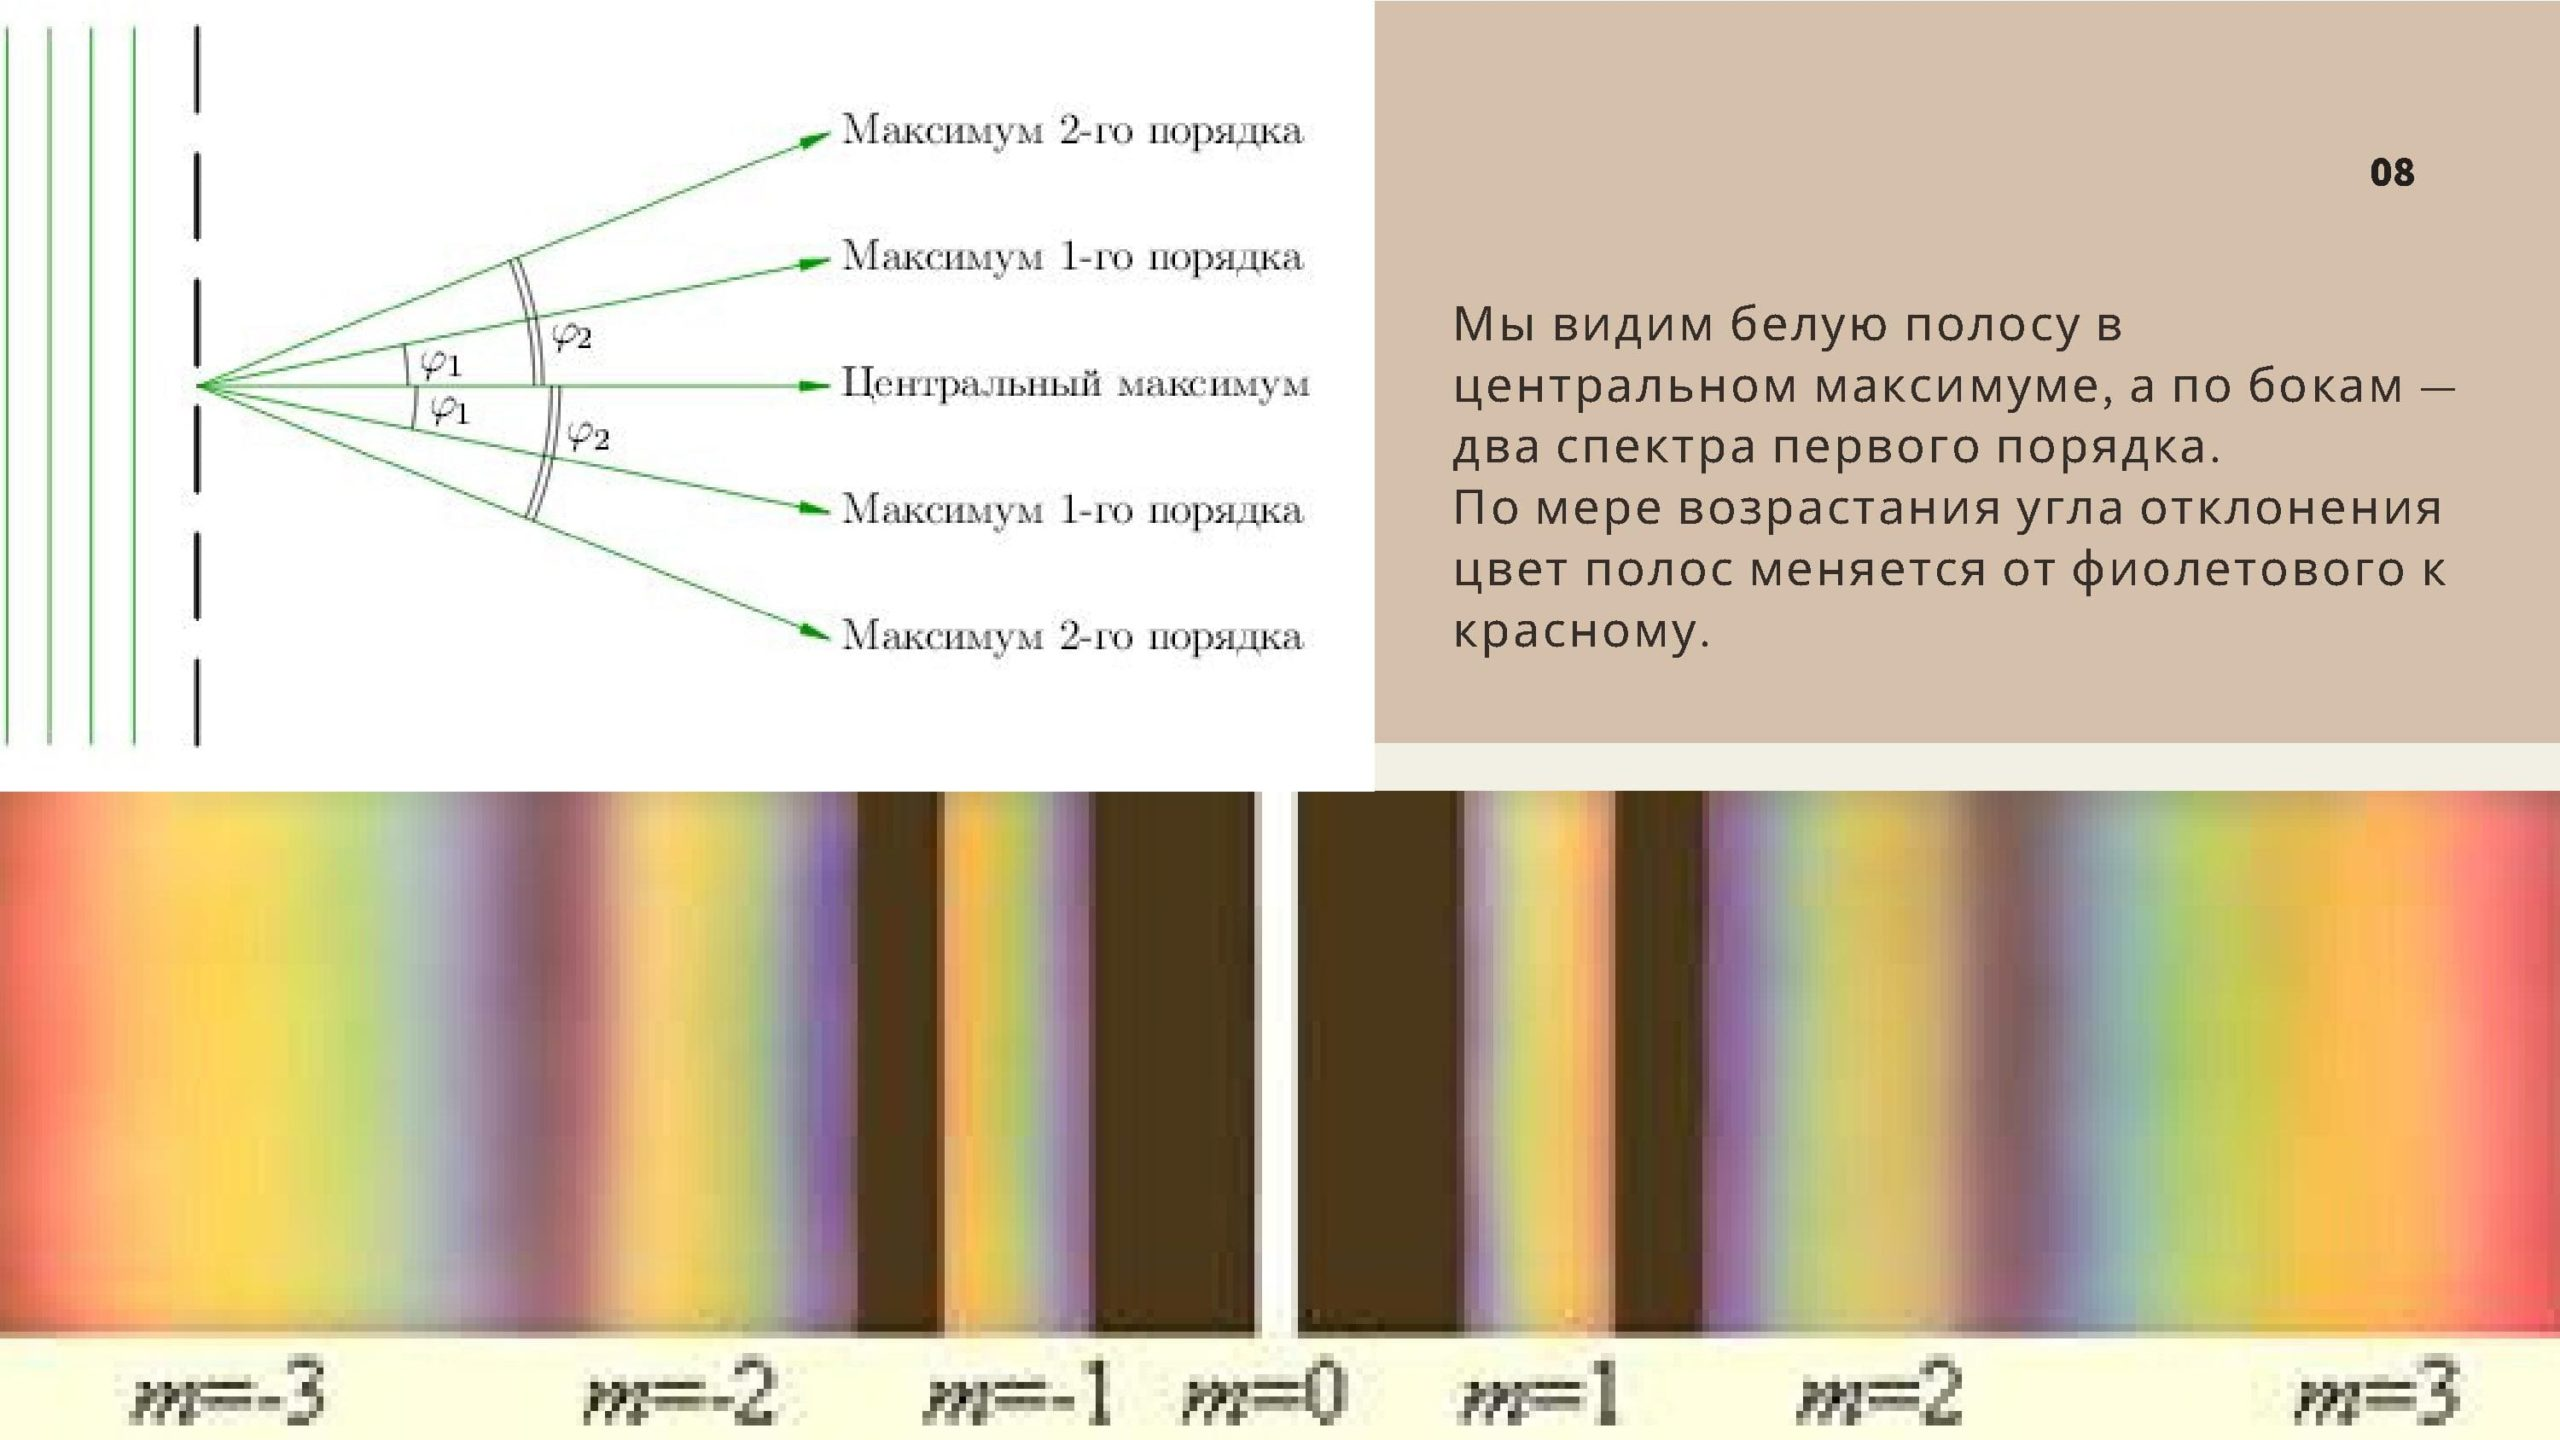 Мы видим белую полосу в центральном максимуме